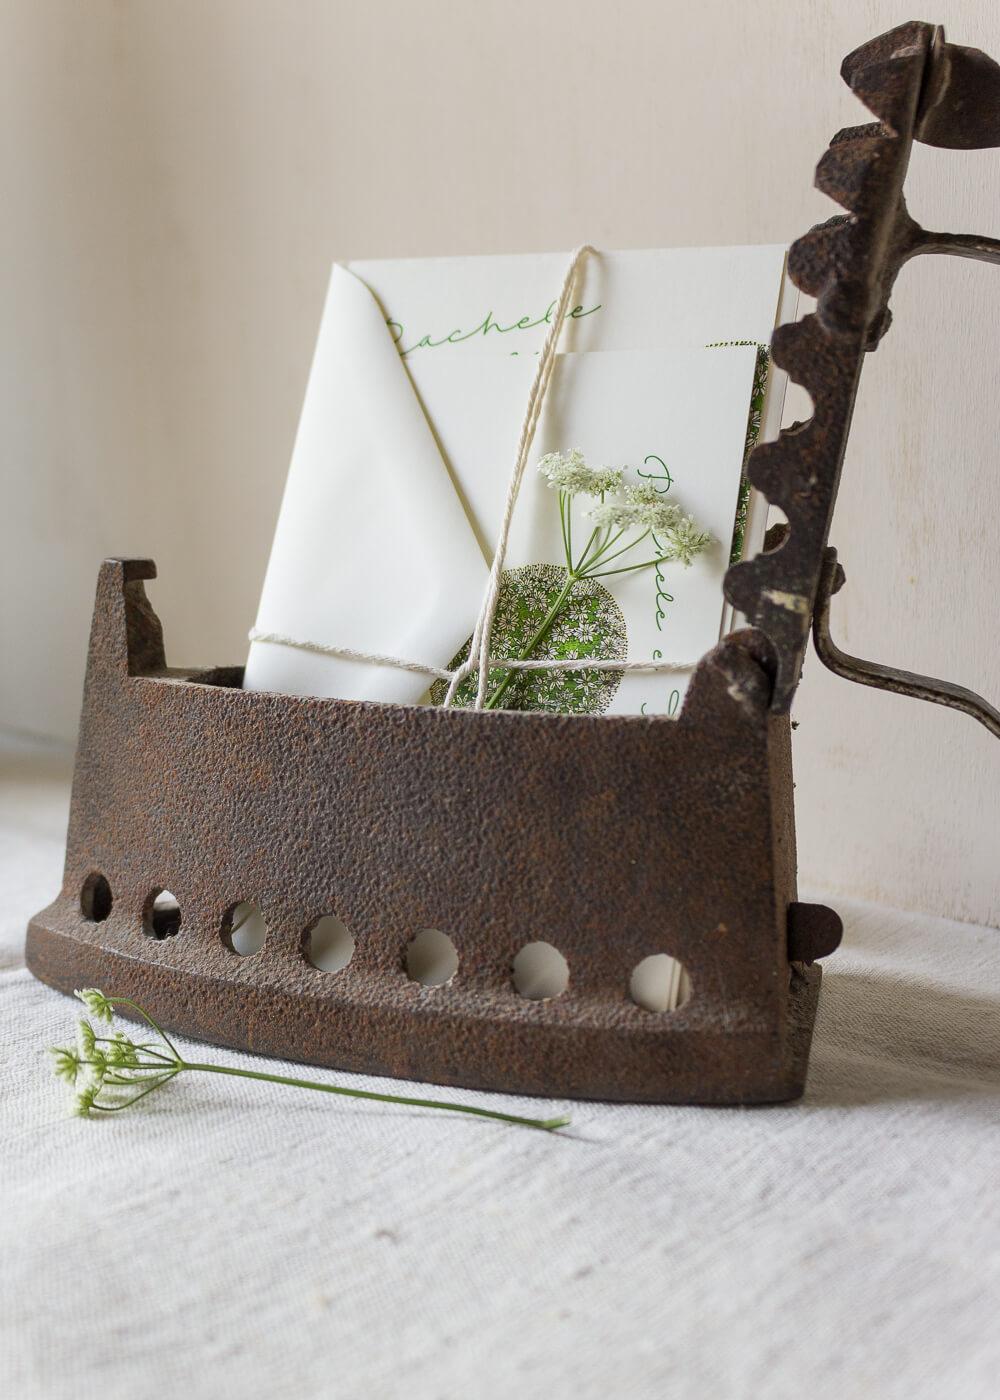 Wedding suite botanica Allium - Partecipazioni matrimonio floreali e romantiche - Lily&Sage Design